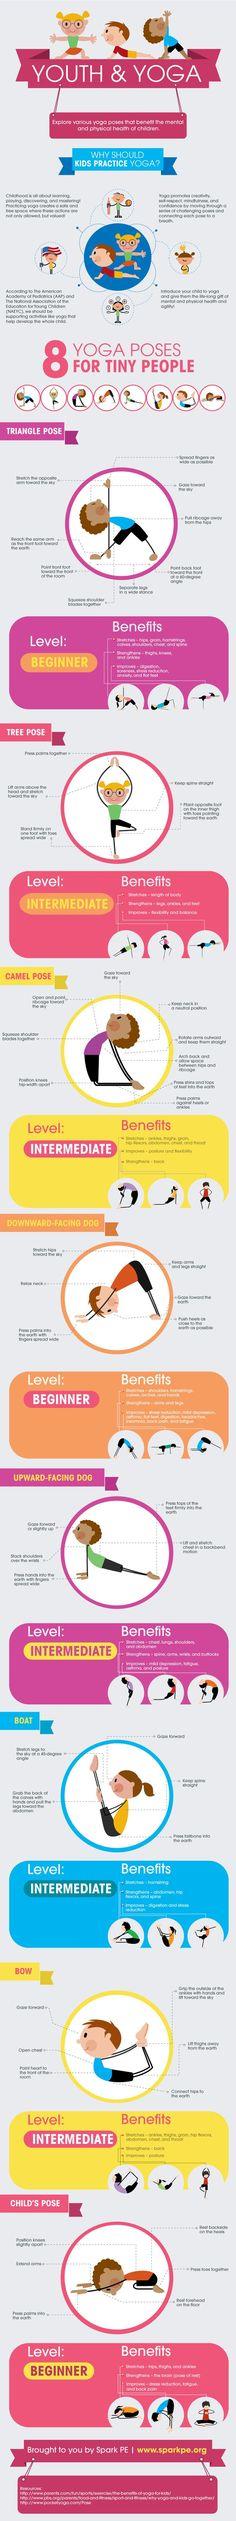 Awesome!! Youth & Yoga